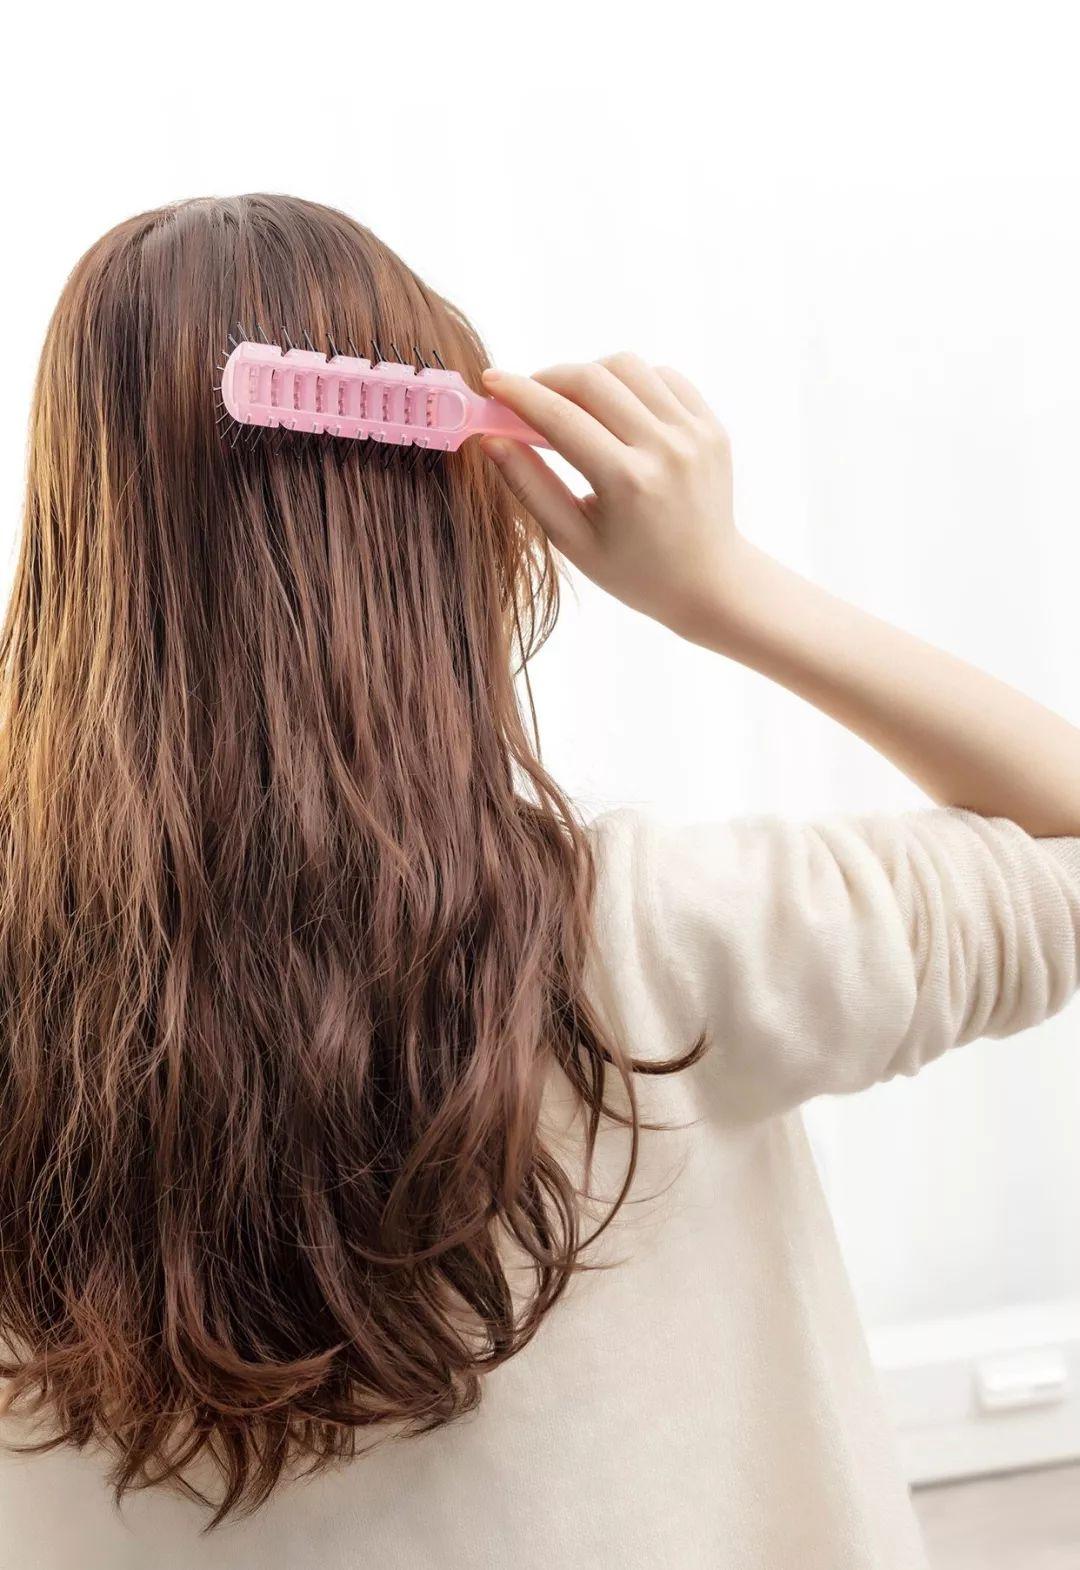 别再剪短发了,有了这款 拳击辫 ,你也能成为全场的焦点